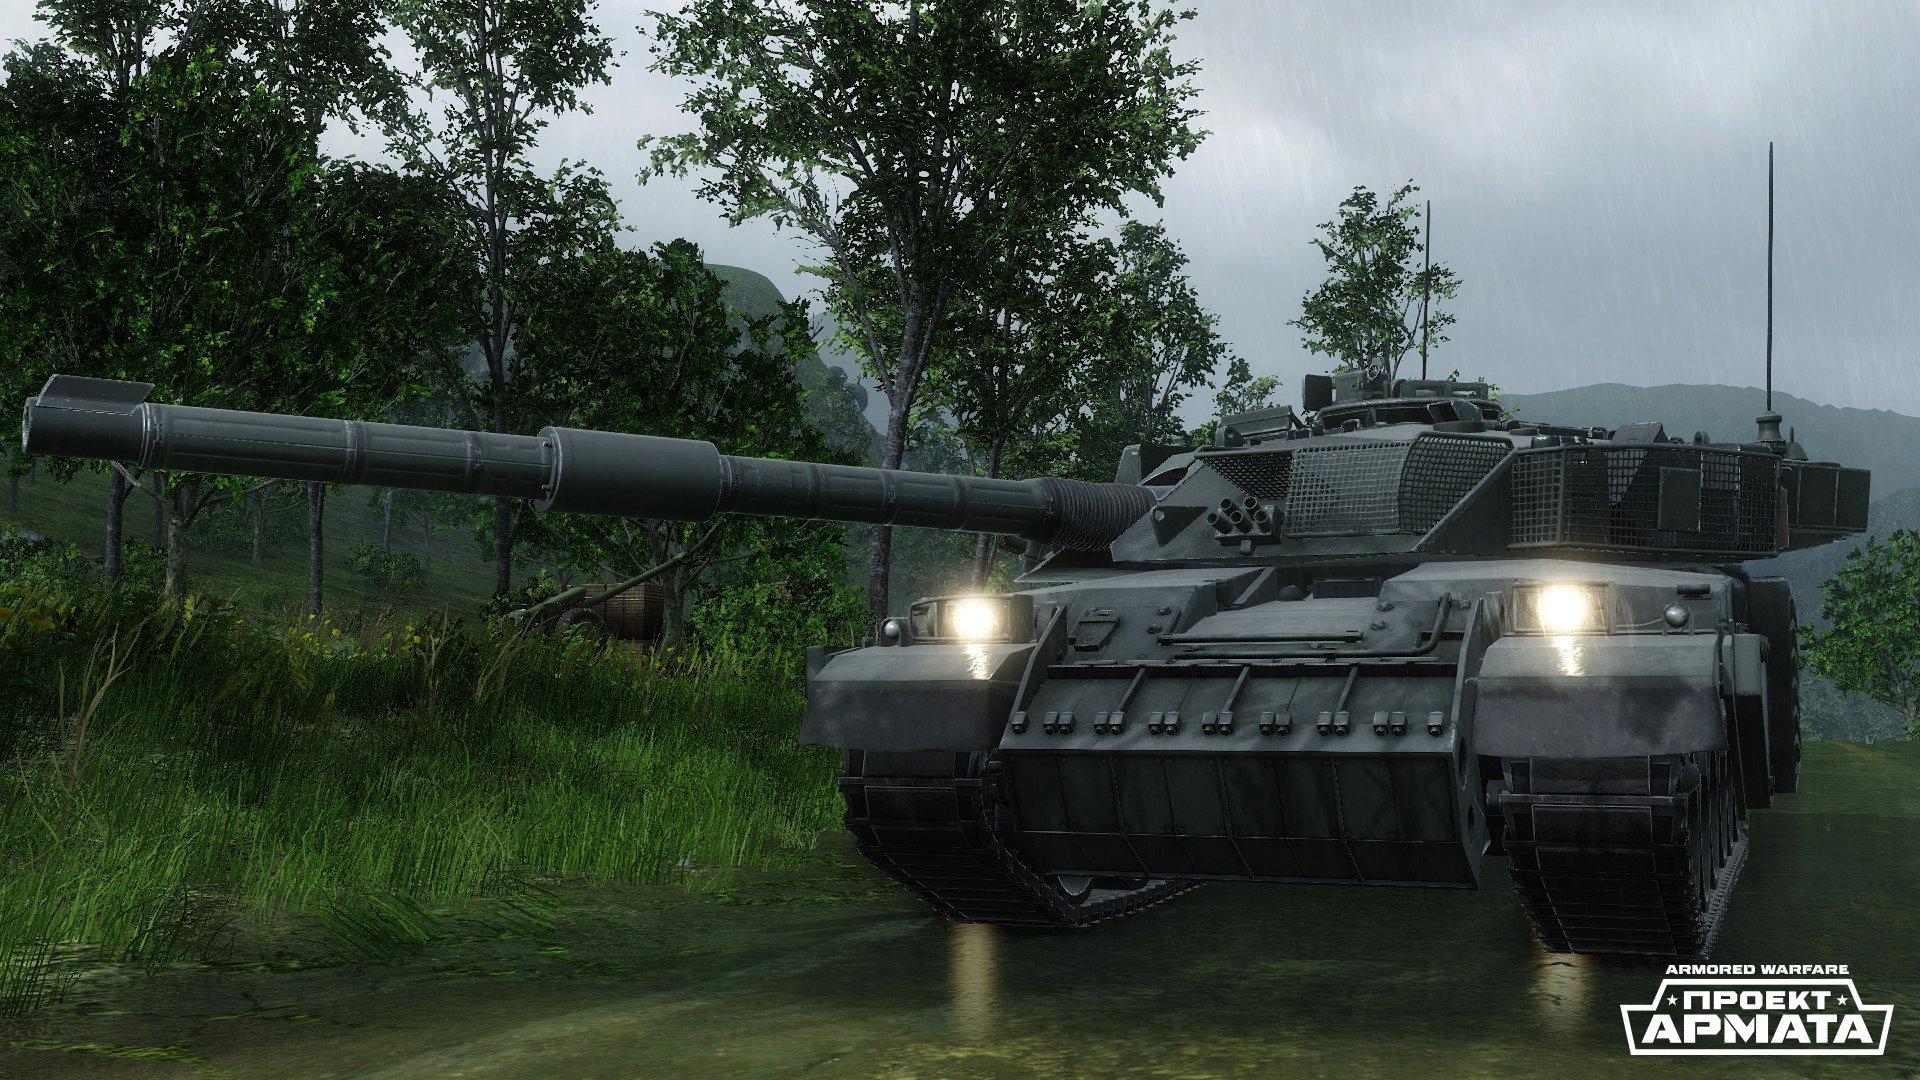 В Armored Warfare появился новый поставщик и новая карта. - Изображение 3